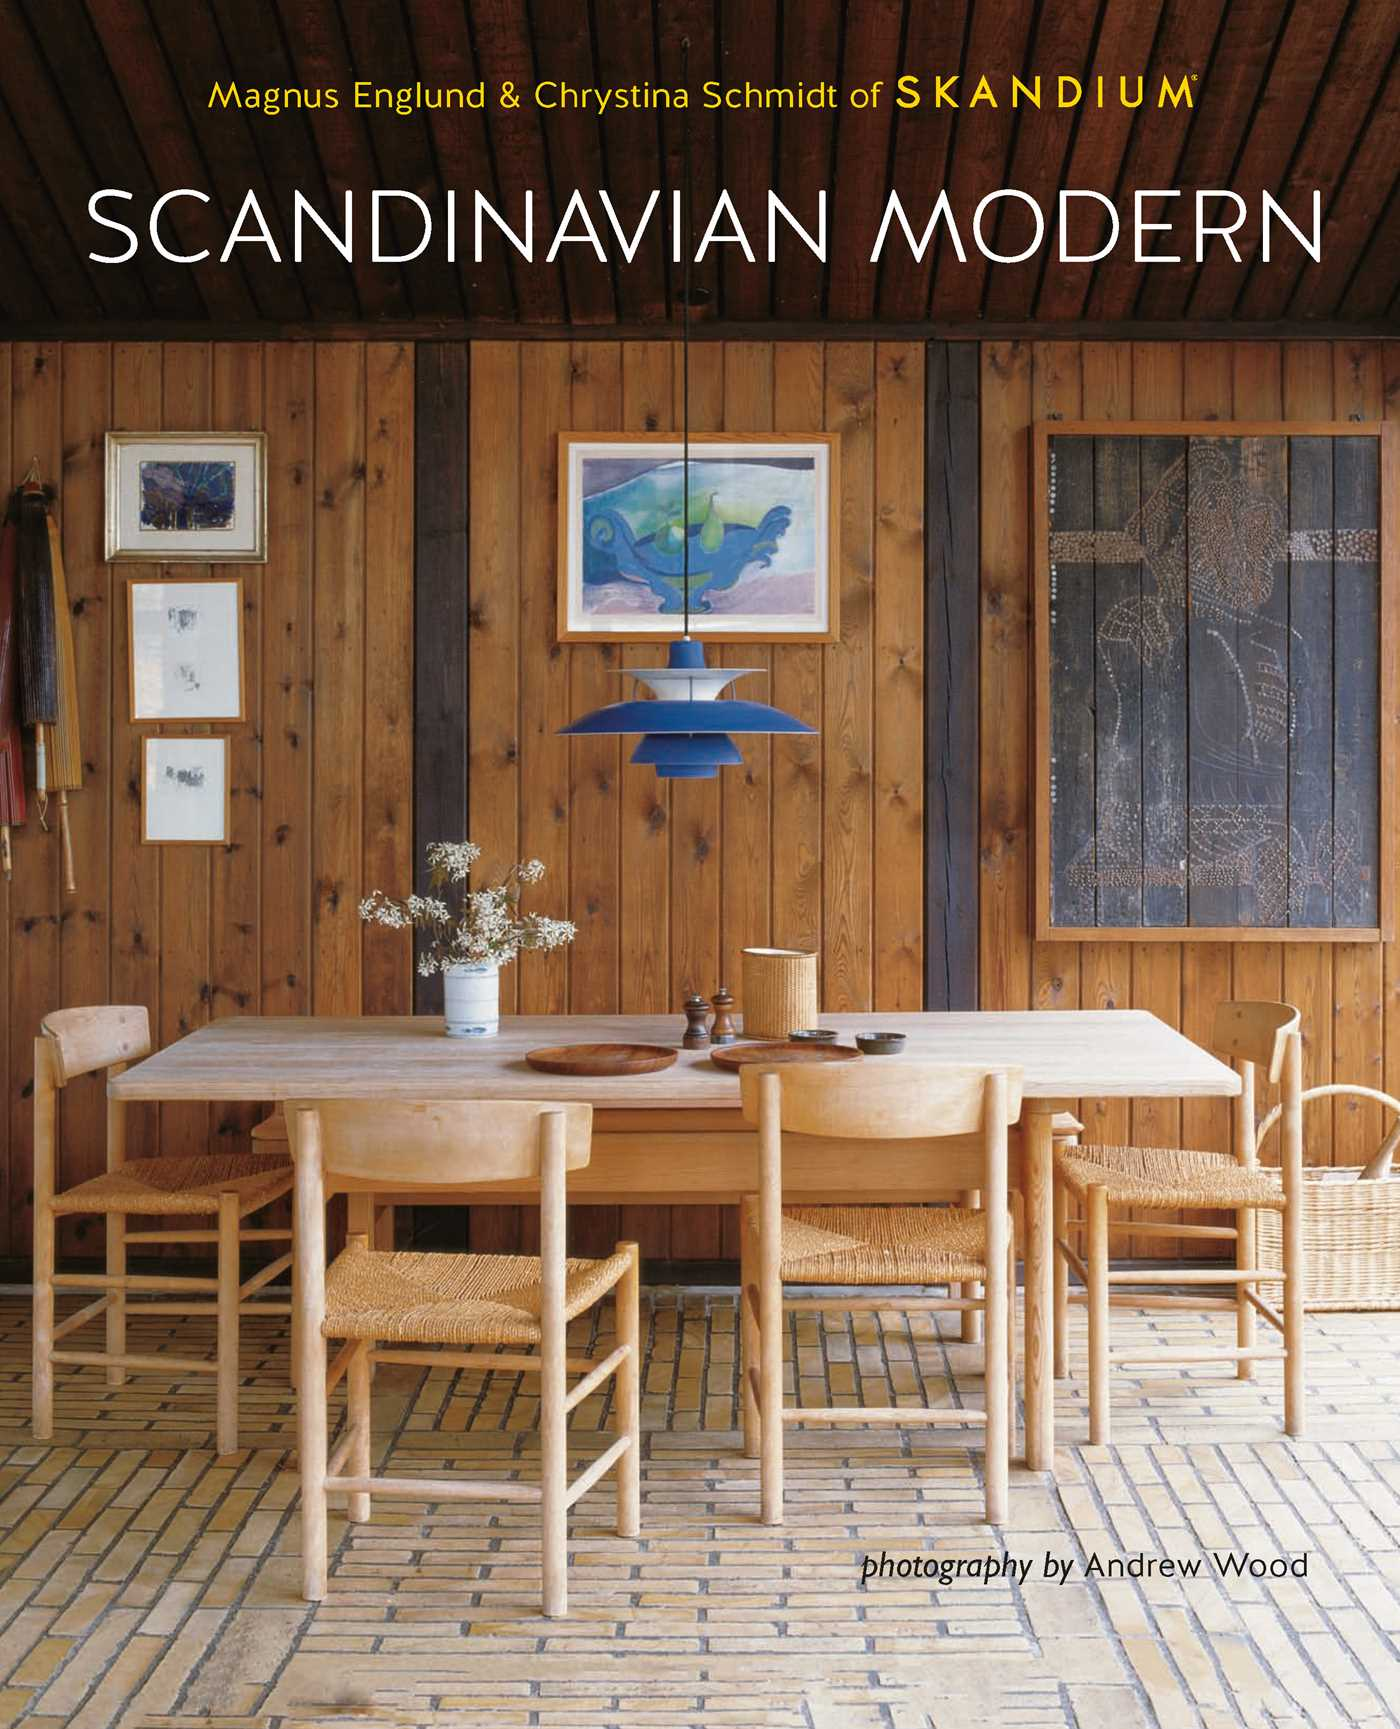 Scandinavian modern 9781849758772 hr